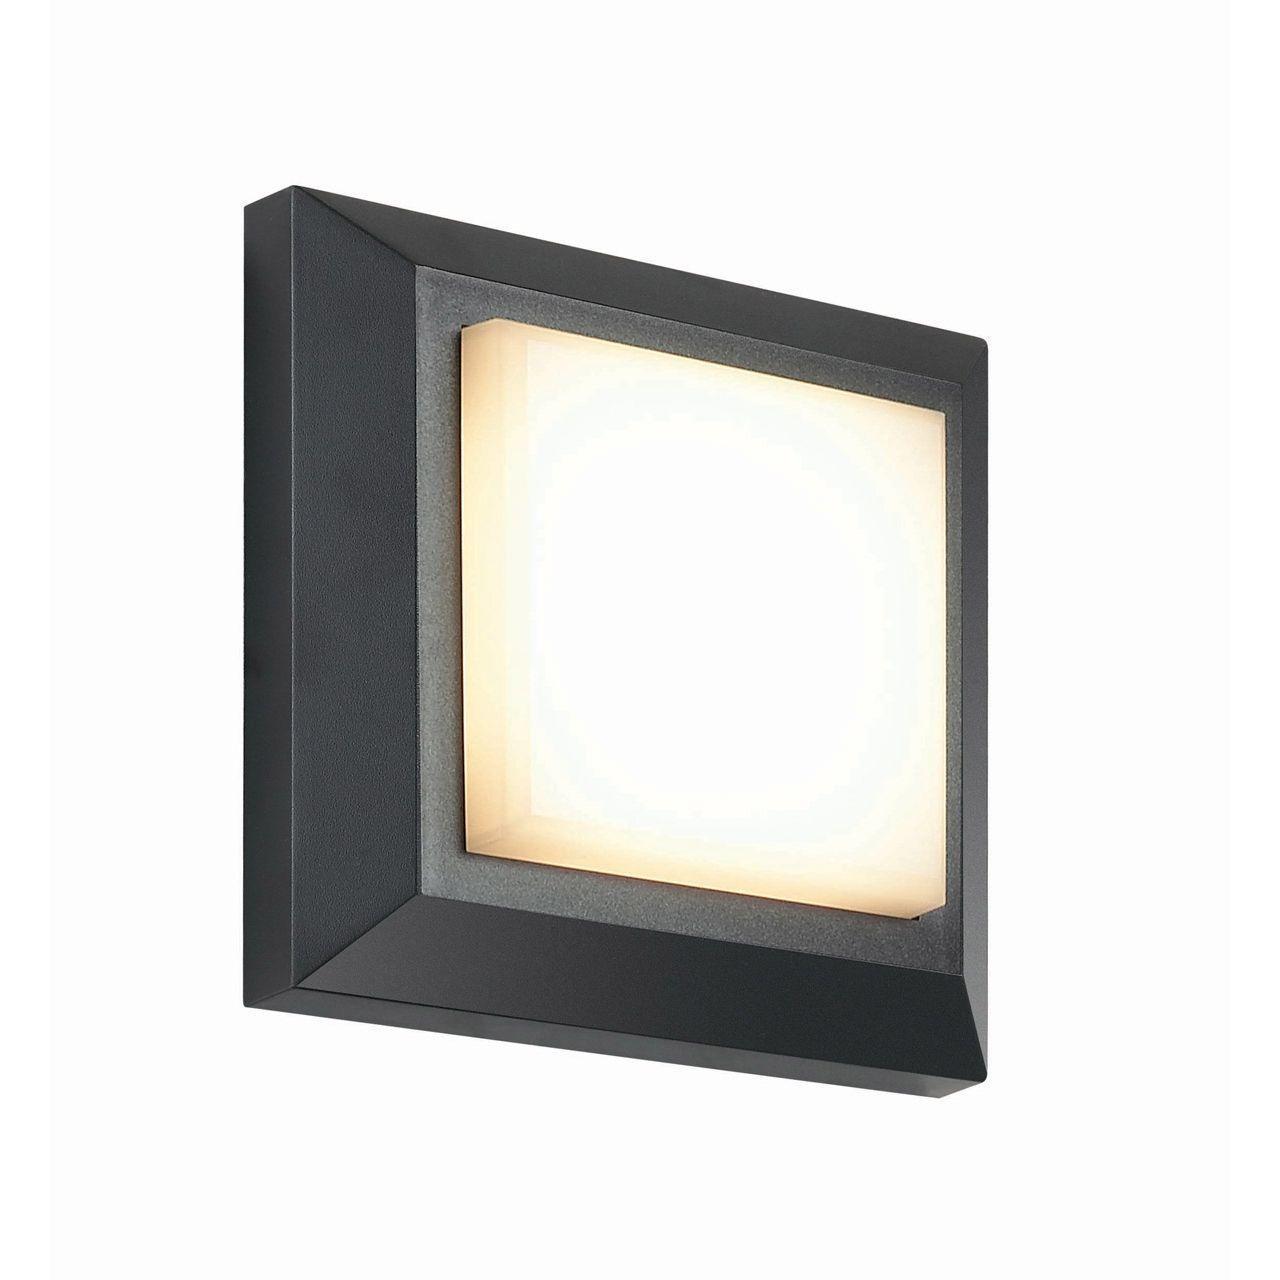 Уличный светильник Novotech 357419, LED